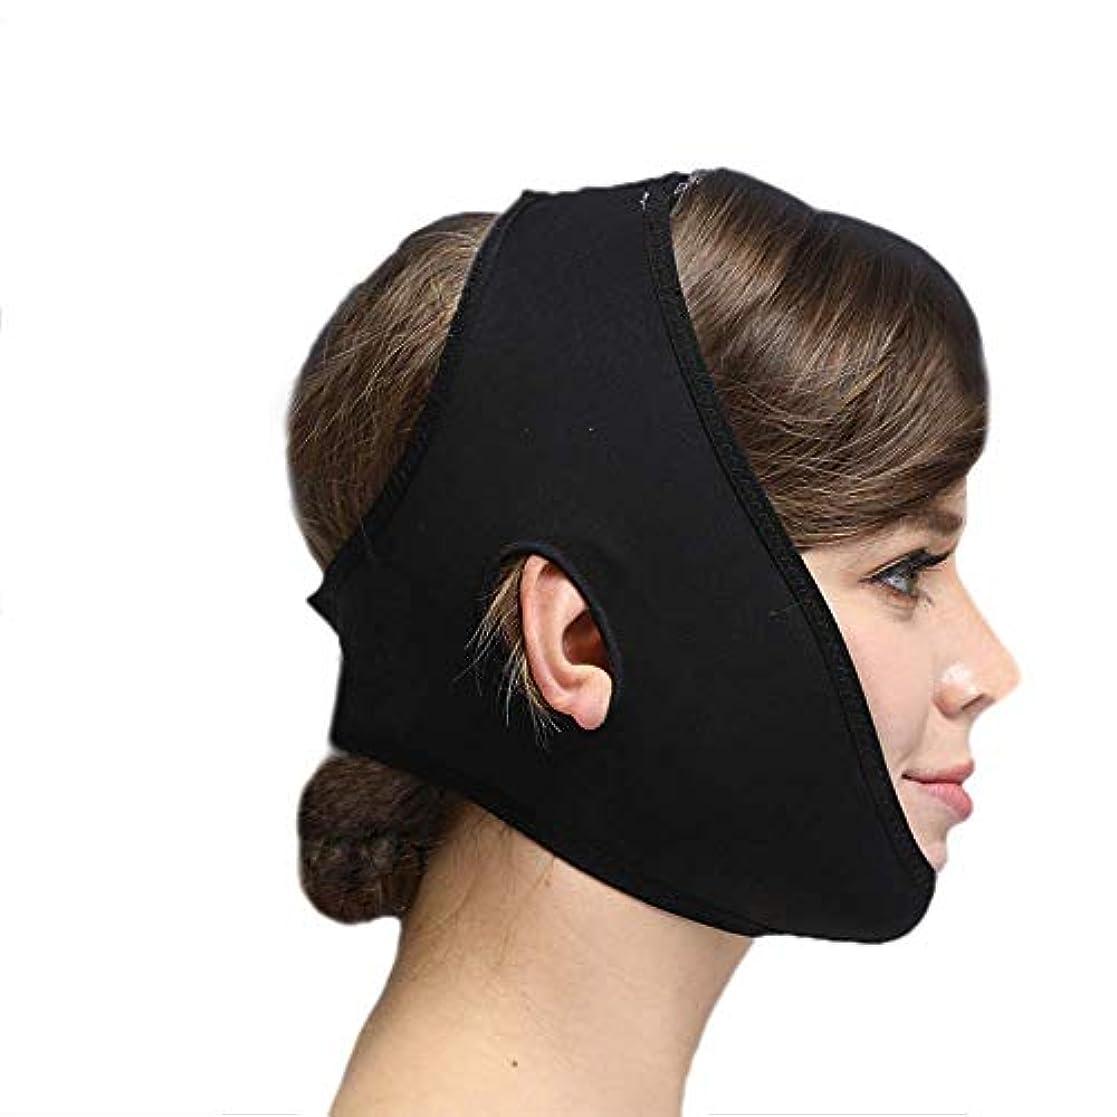 移行咽頭昆虫を見るフェイススリミングマスク、快適さと通気性、フェイシャルリフティング、輪郭の改善された硬さ、ファーミングとリフティングフェイス(カラー:ブラック、サイズ:XL),ブラック2、XXL